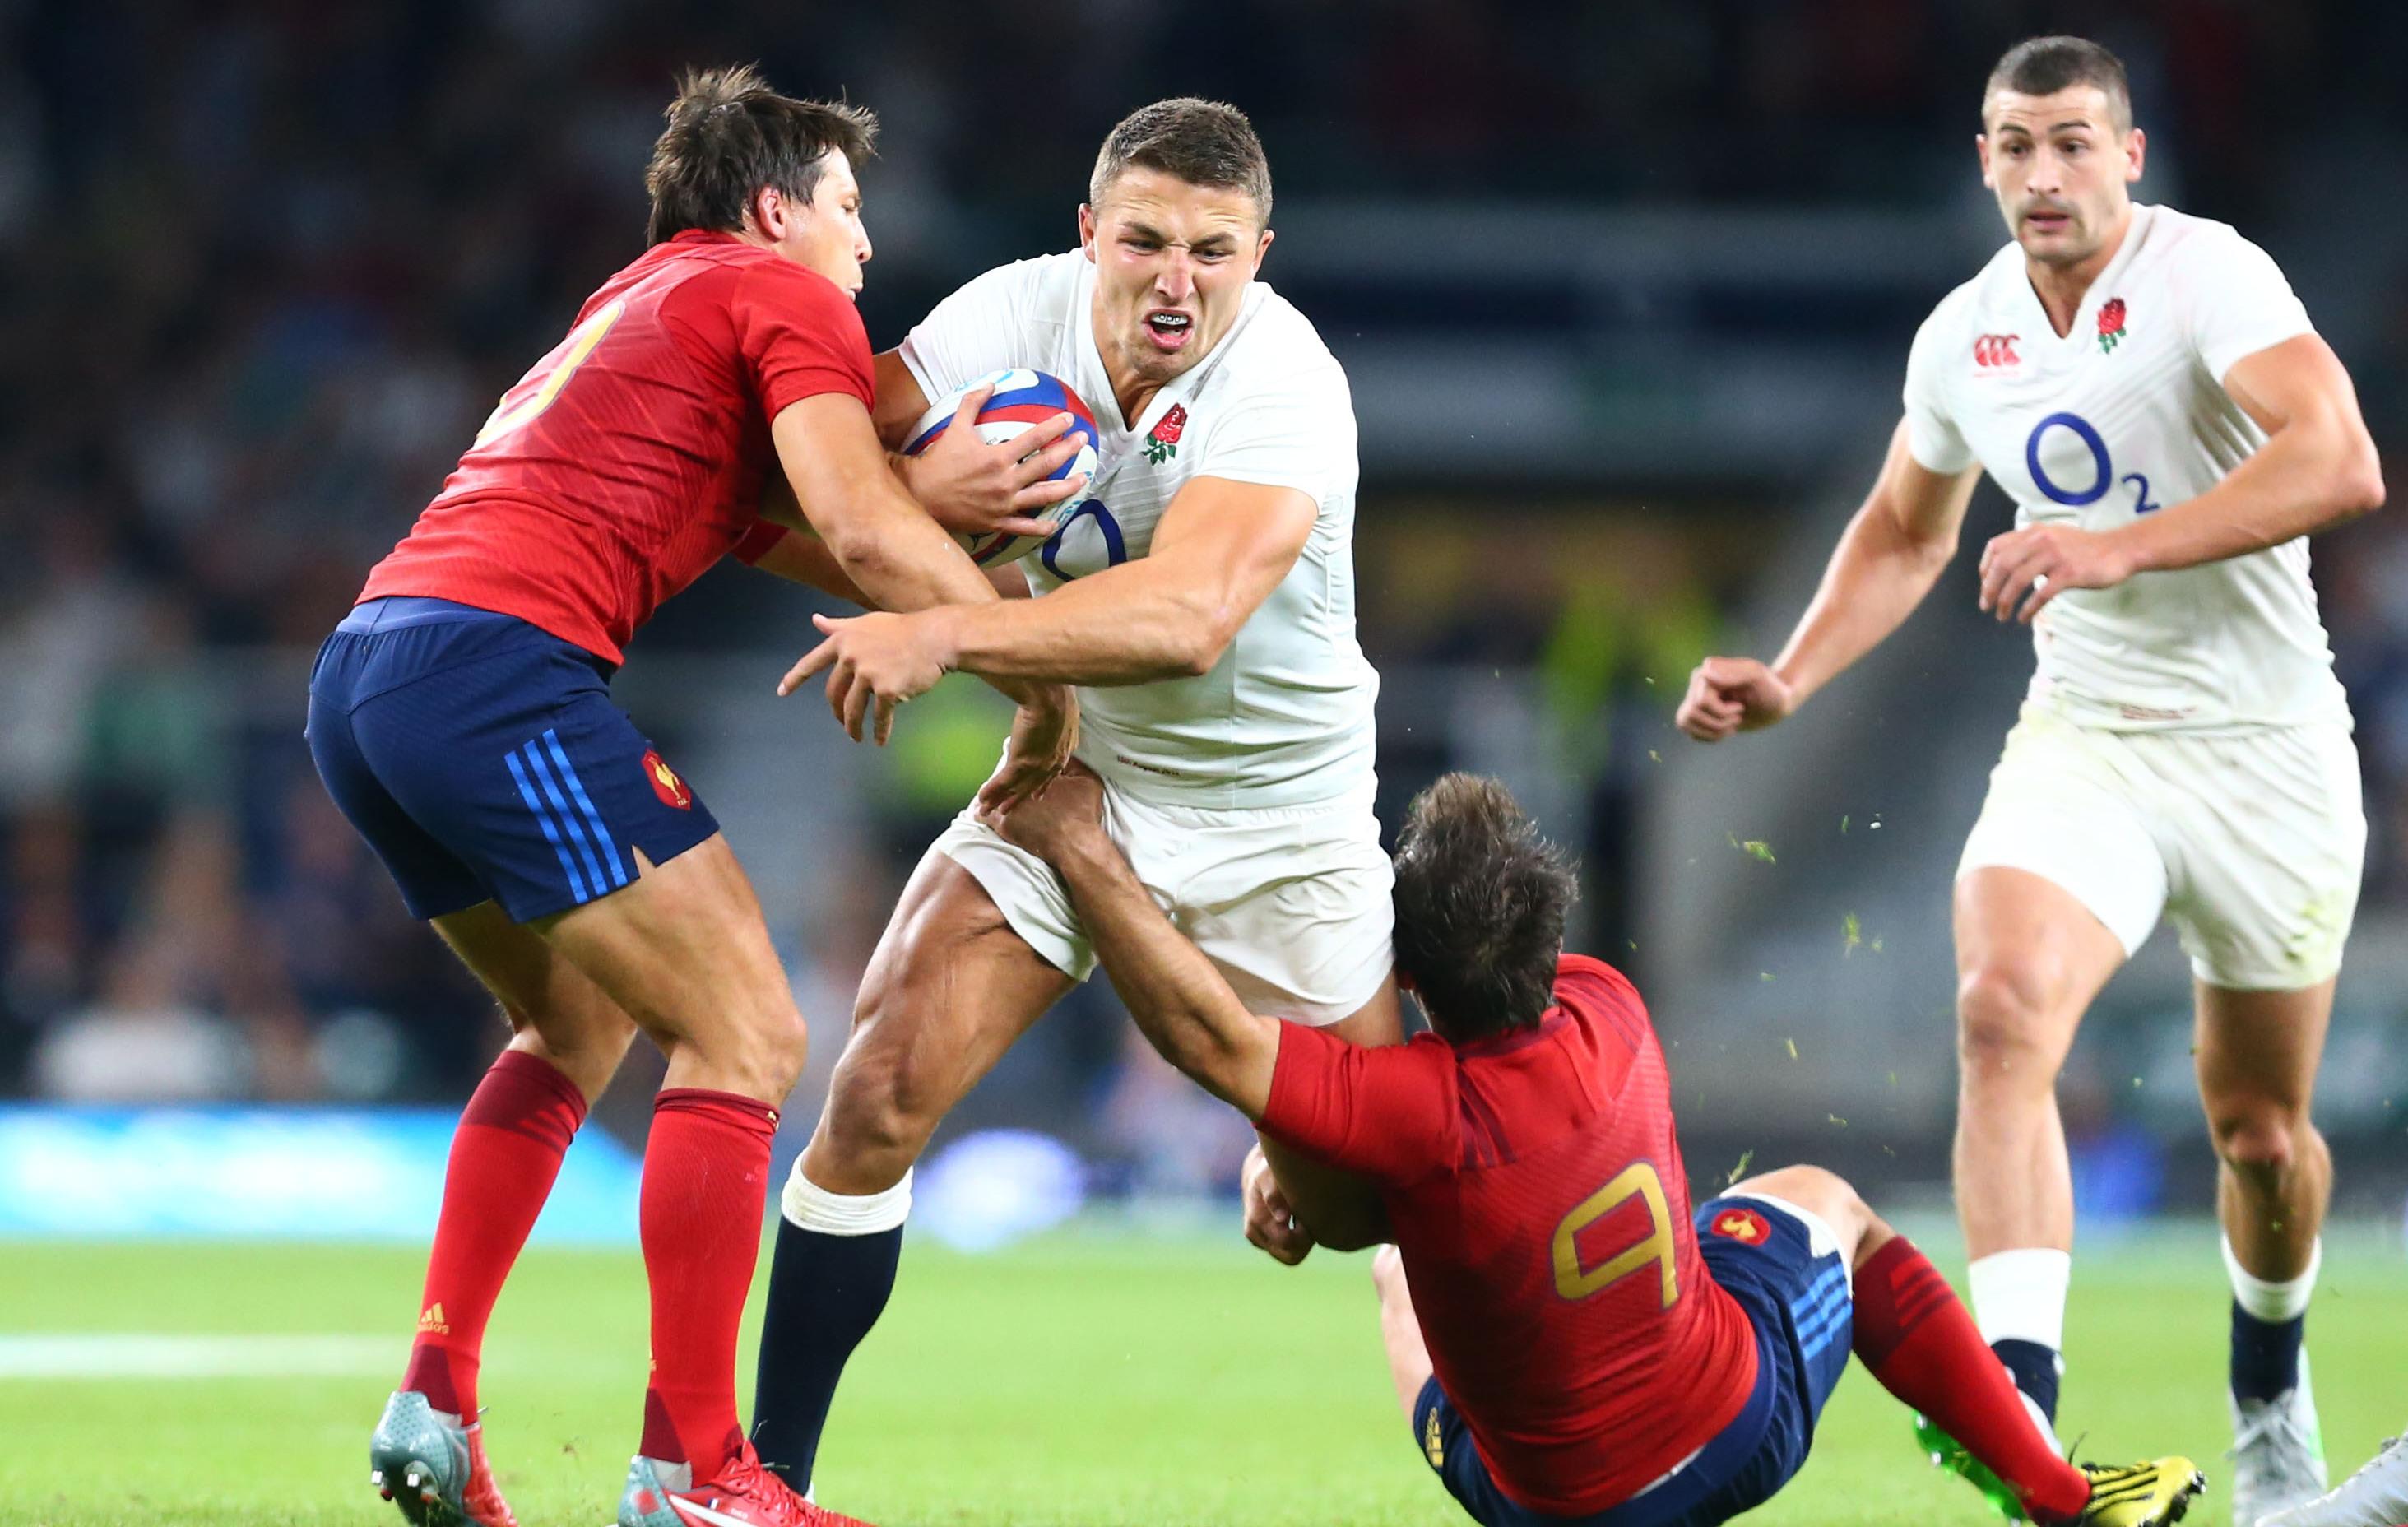 Le xv de la rose avec burgess sans cipriani coupe du - Resultats coupe du monde de rugby 2015 ...